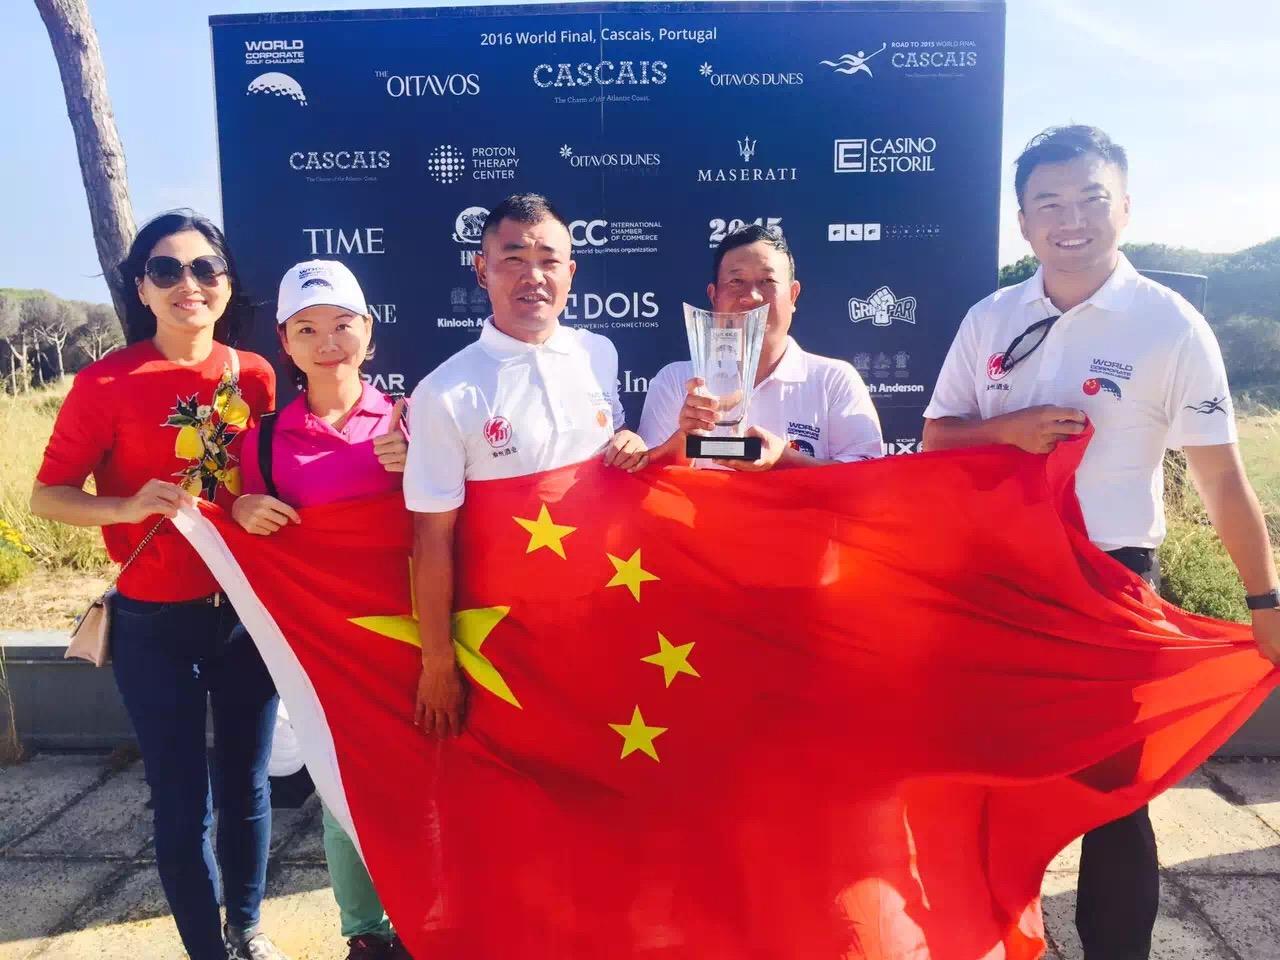 渝州酒业与WCGC中国组委会合影